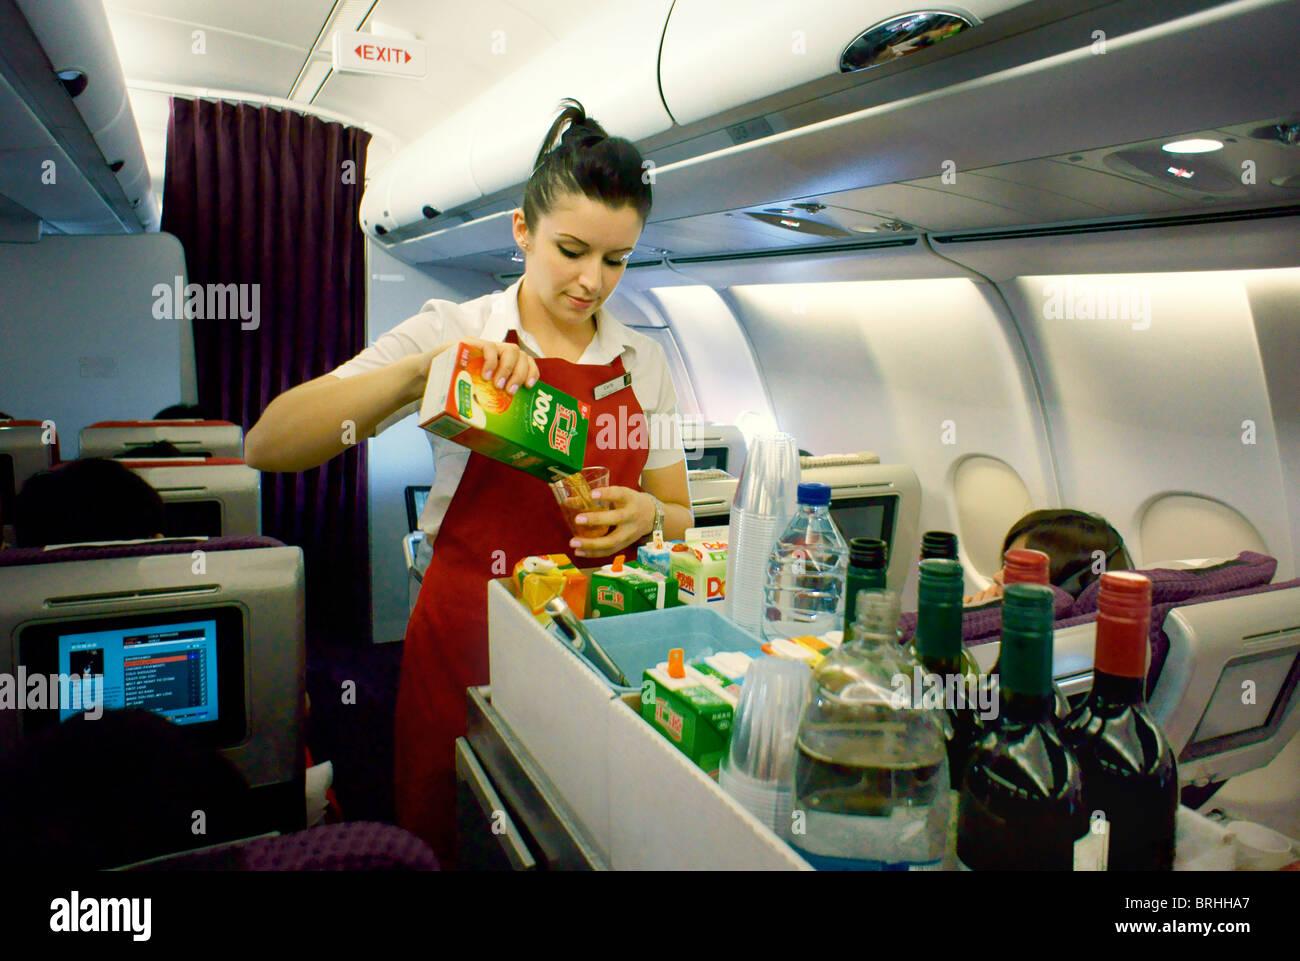 Voli di lungo raggio air hostess con bevande alimentari carrello corsia sulla notte Virgin Atlantic aerei che servono Immagini Stock